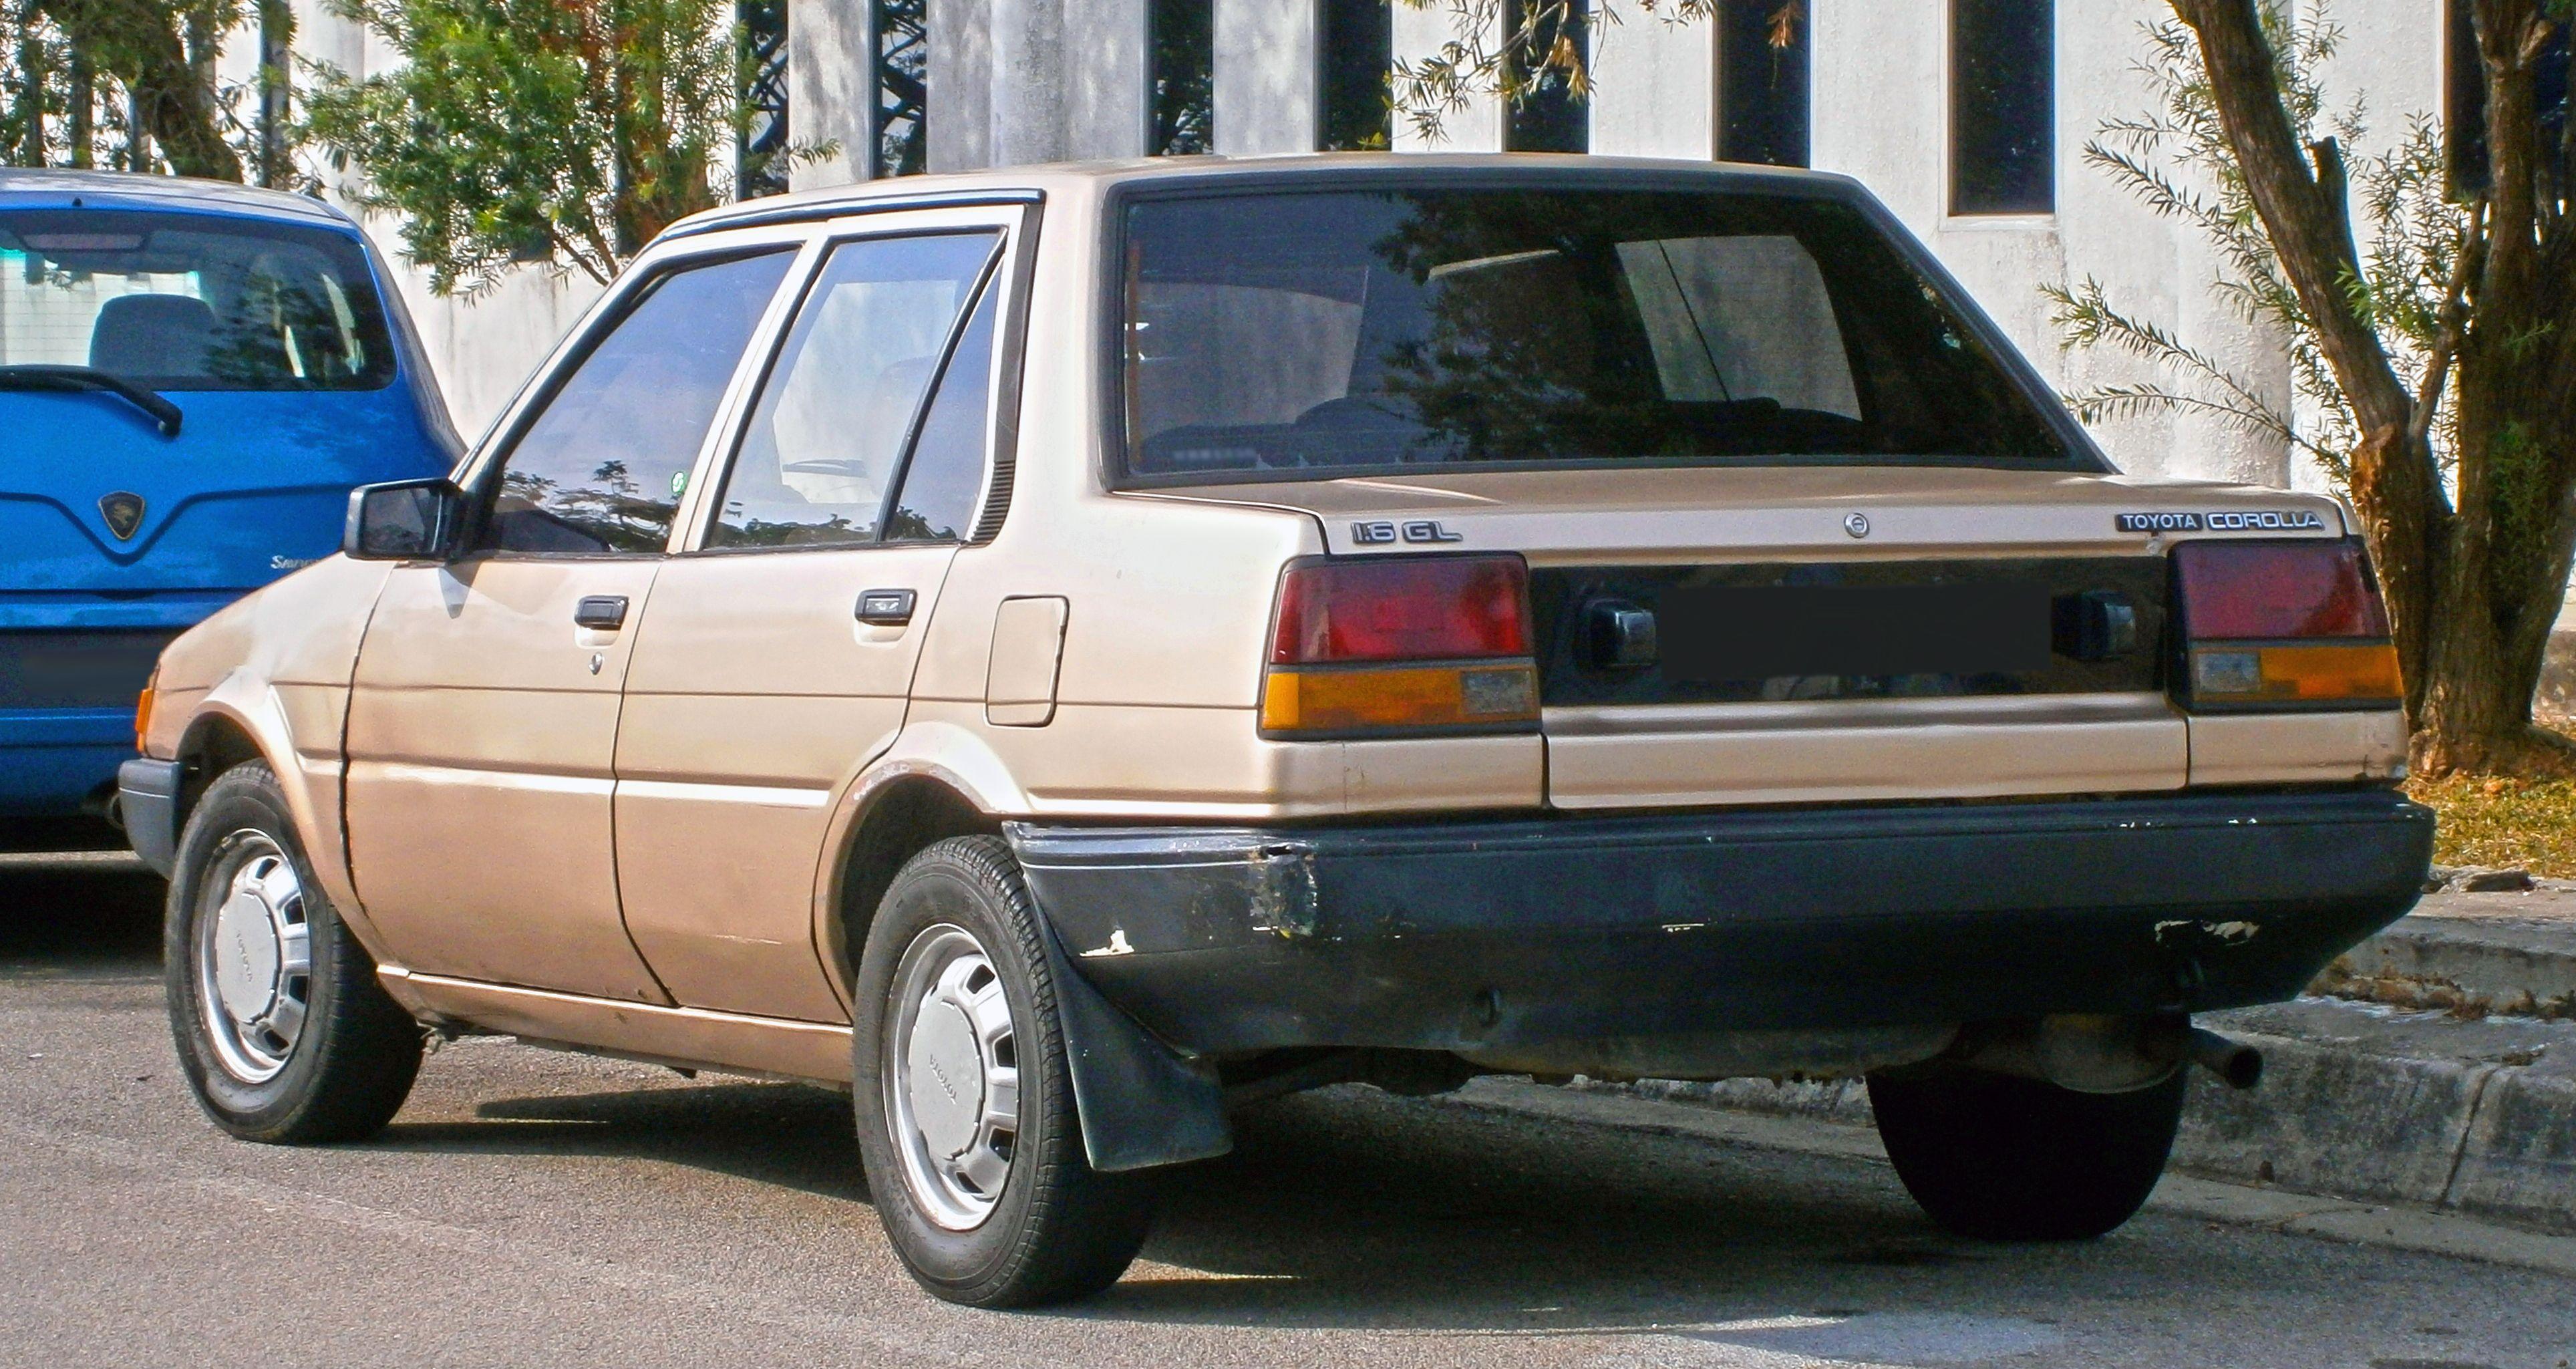 Kelebihan Kekurangan Toyota Corolla 1987 Perbandingan Harga